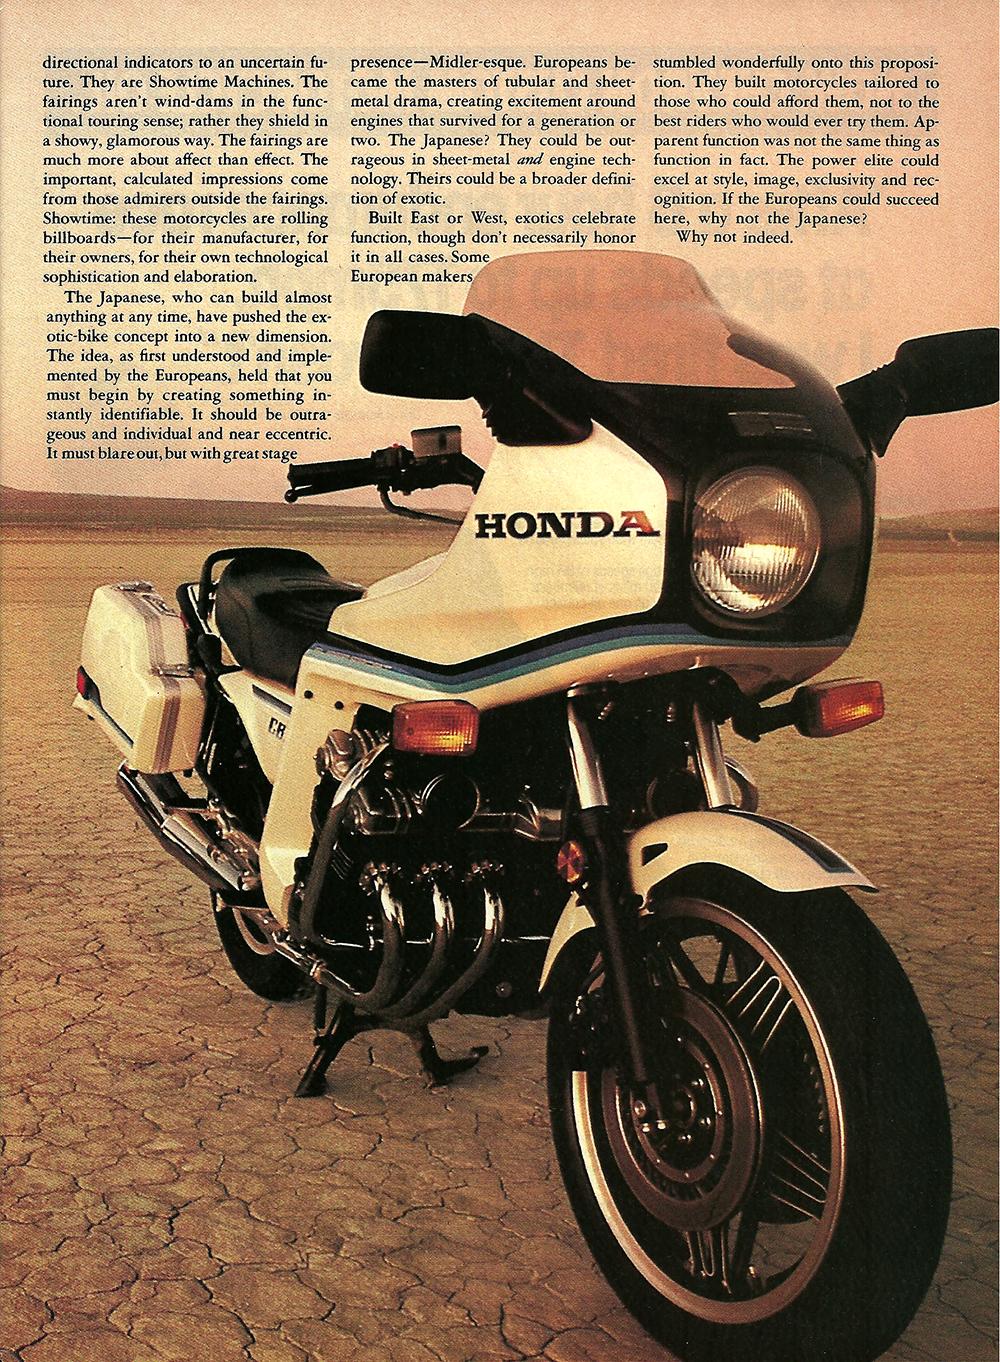 1982 Honda CBX vs CX 500 Turbo road test 02.jpg